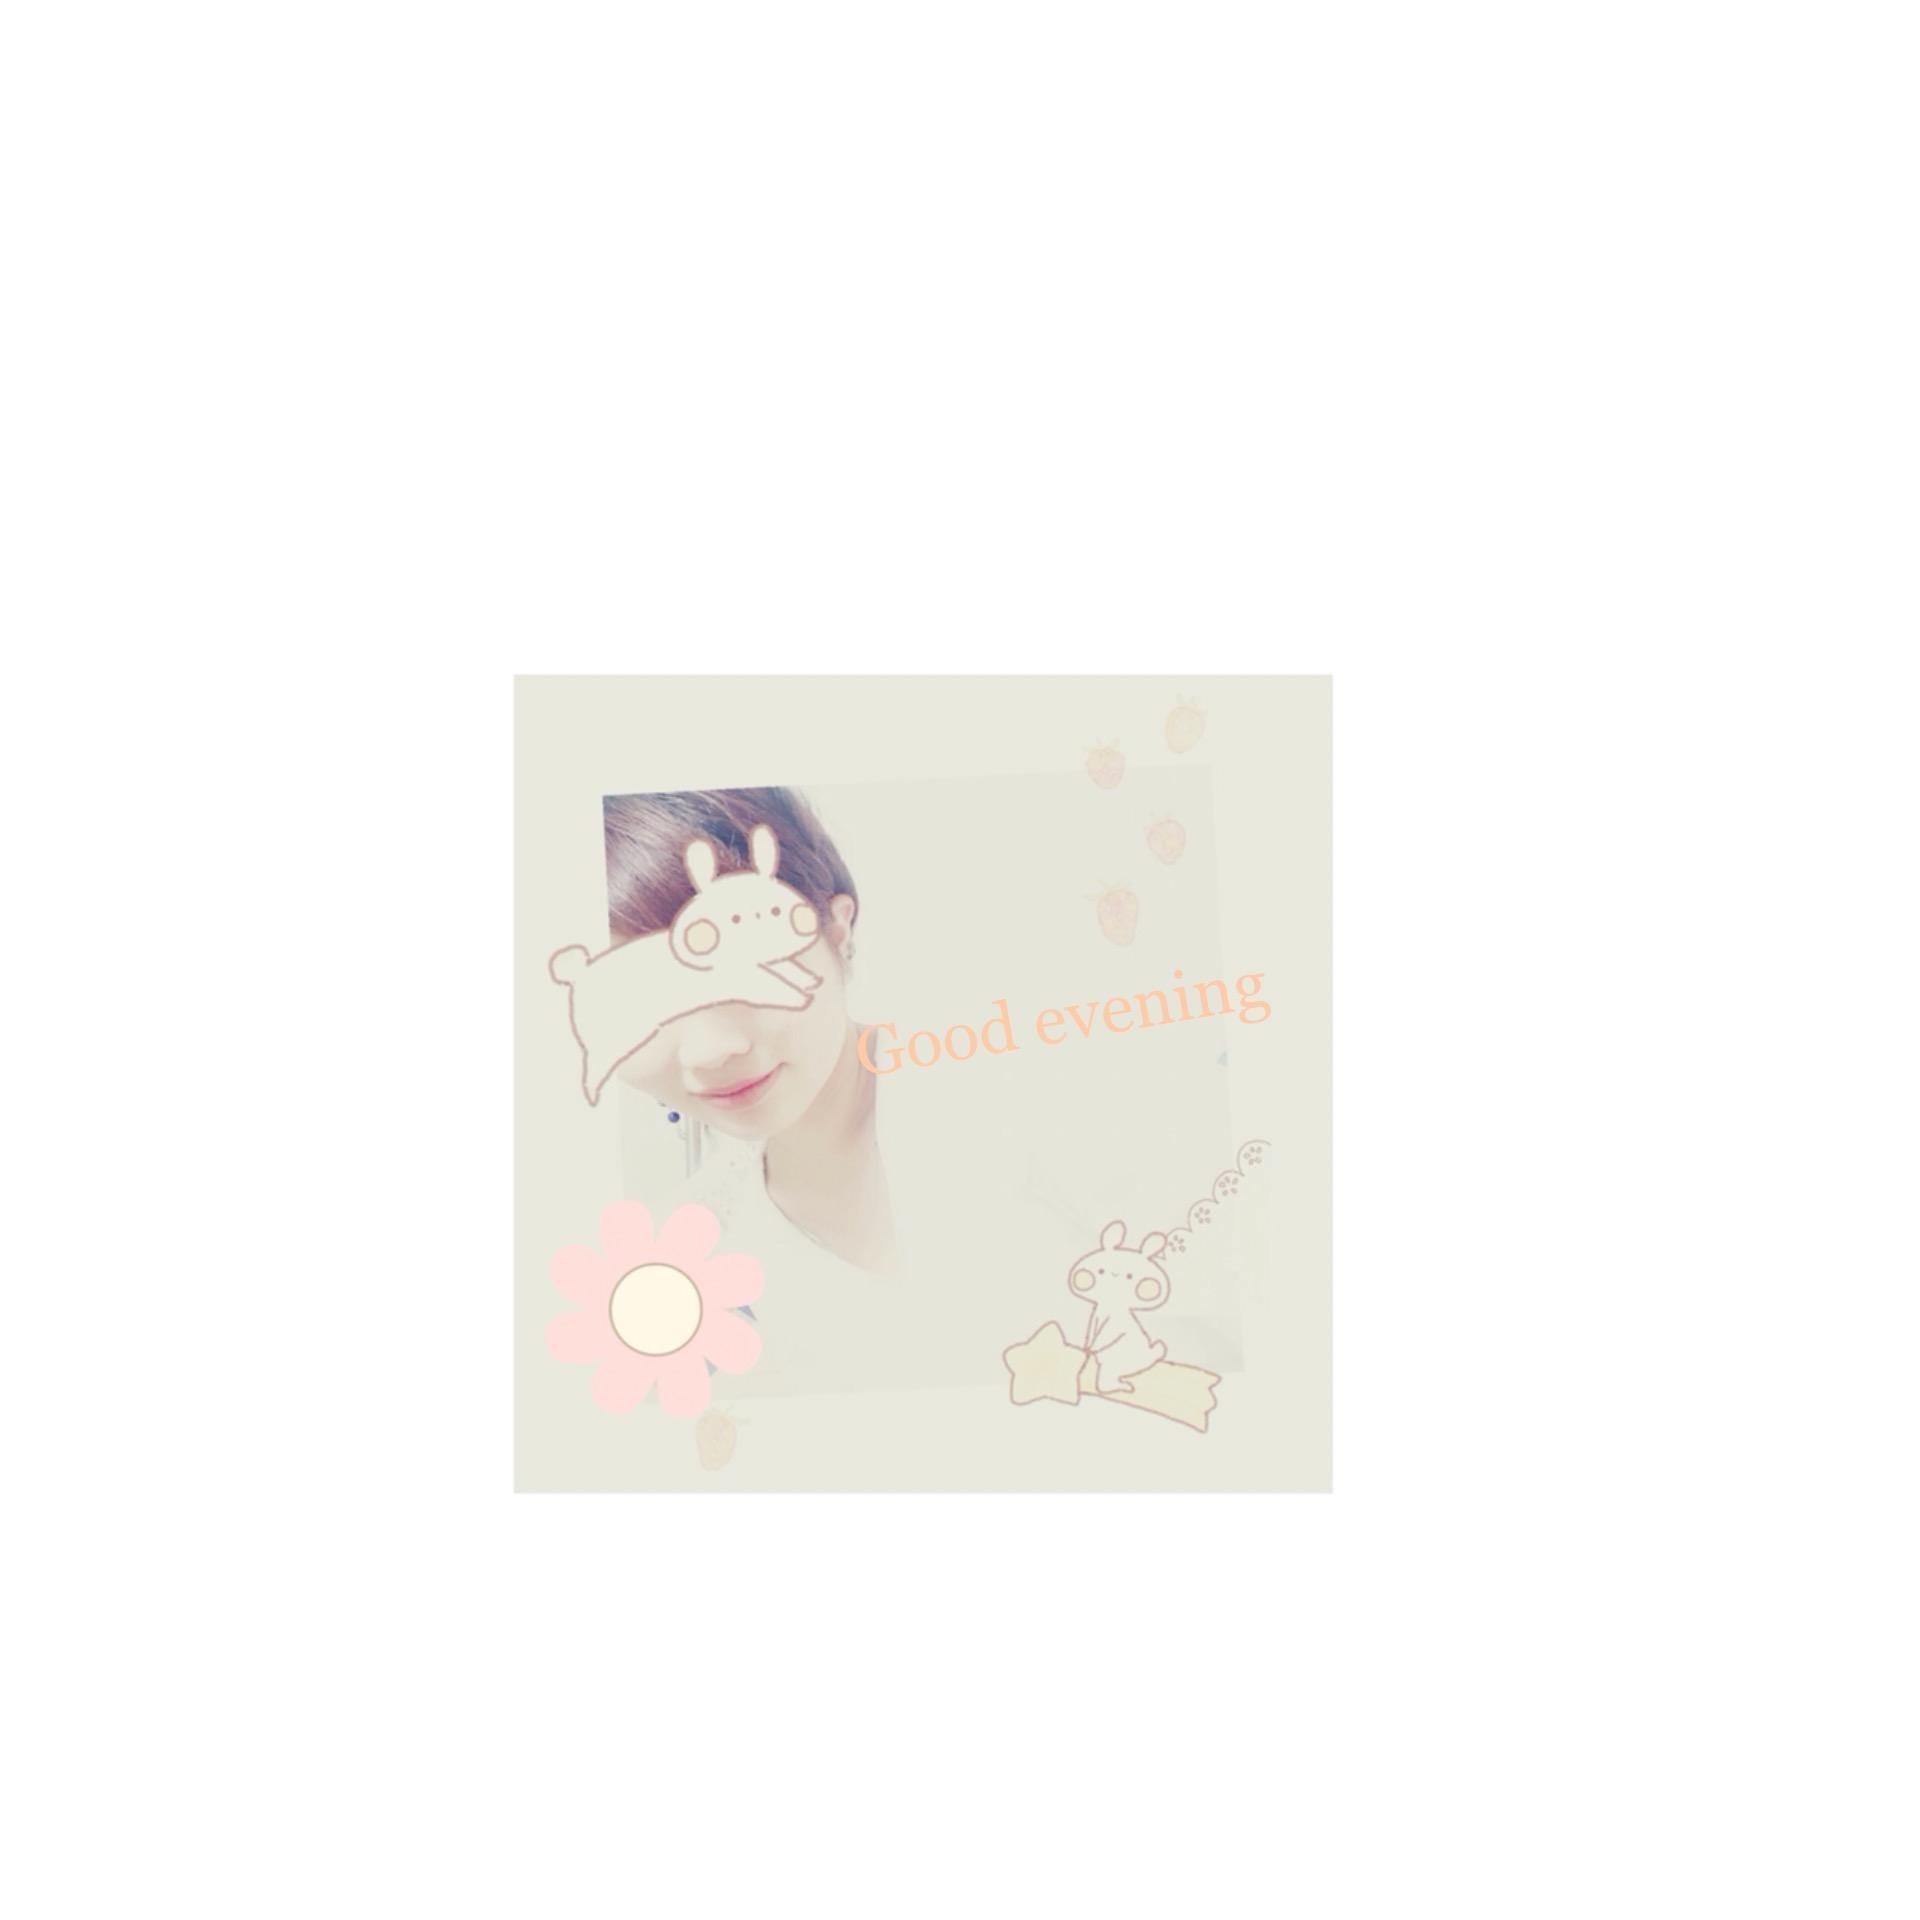 ちい「Re:((´`))ブルブル…」12/08(土) 00:50   ちいの写メ・風俗動画